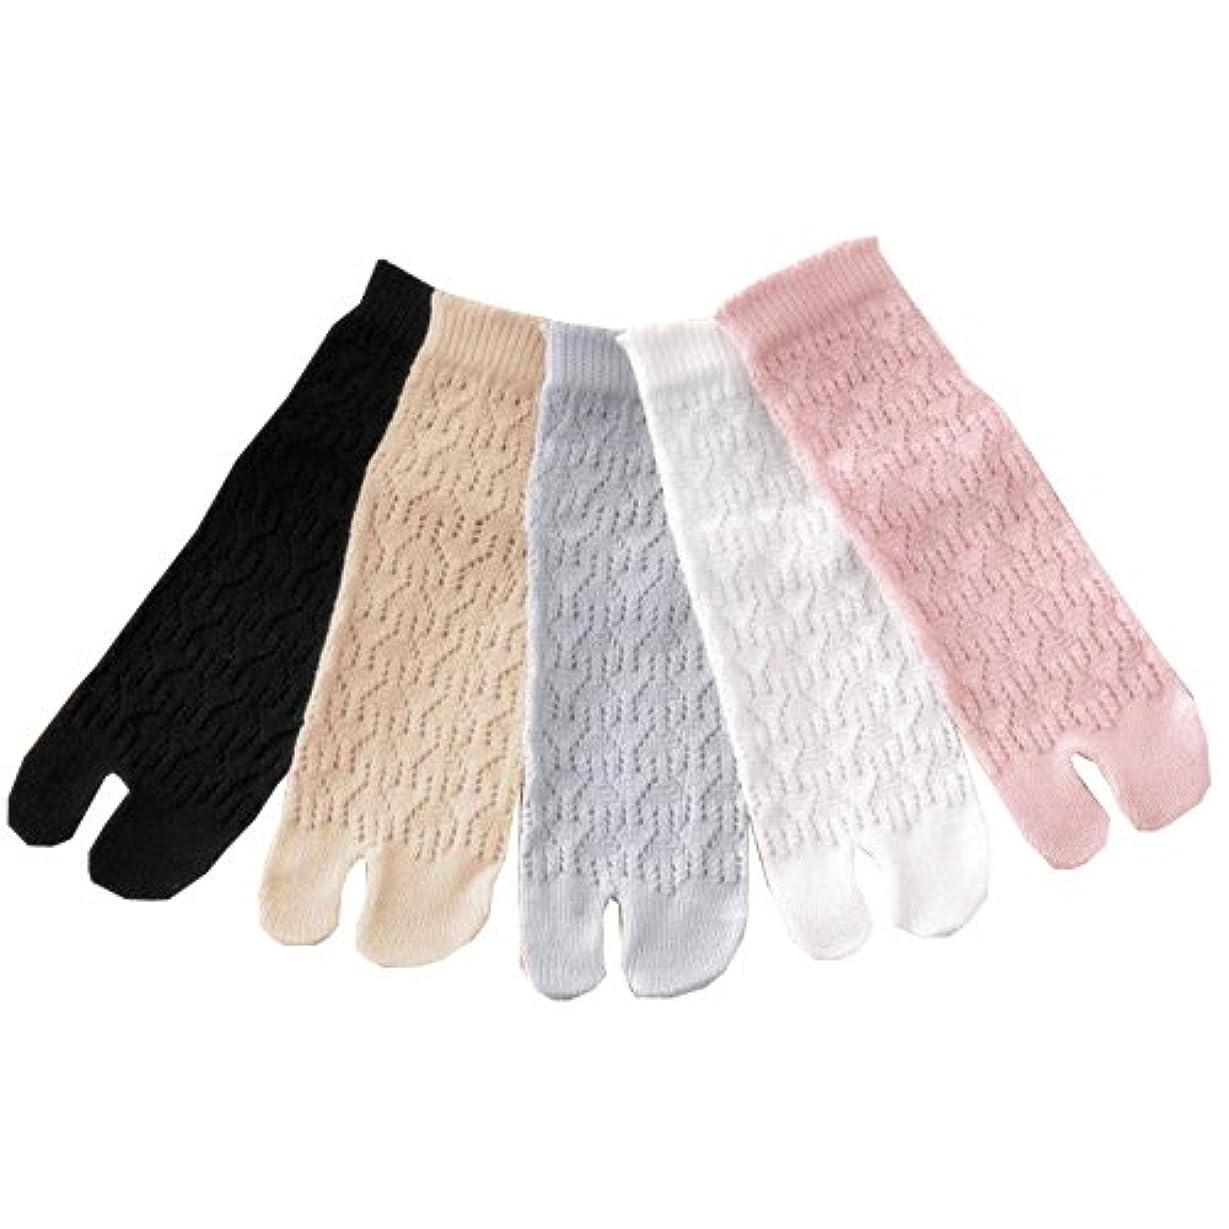 ダッシュ評価するつぶす国産ルミー 足袋ソックス 5色組